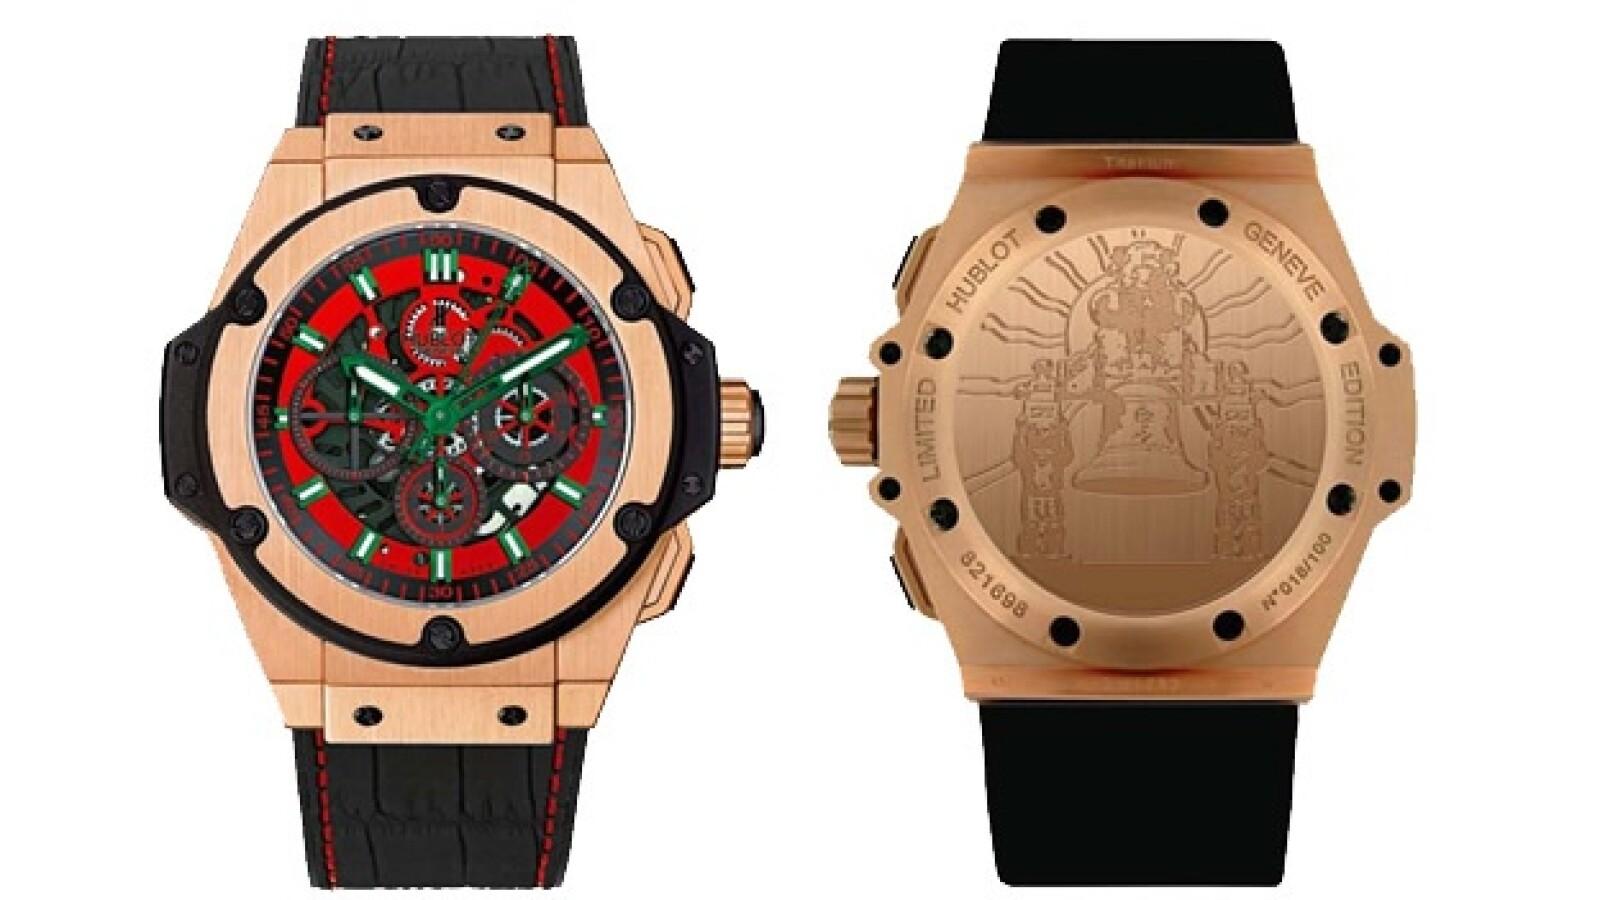 La relojería Hublot elaboró un diseño con caja de cerámica negra y oro, y correa de lagarto con cuacho.